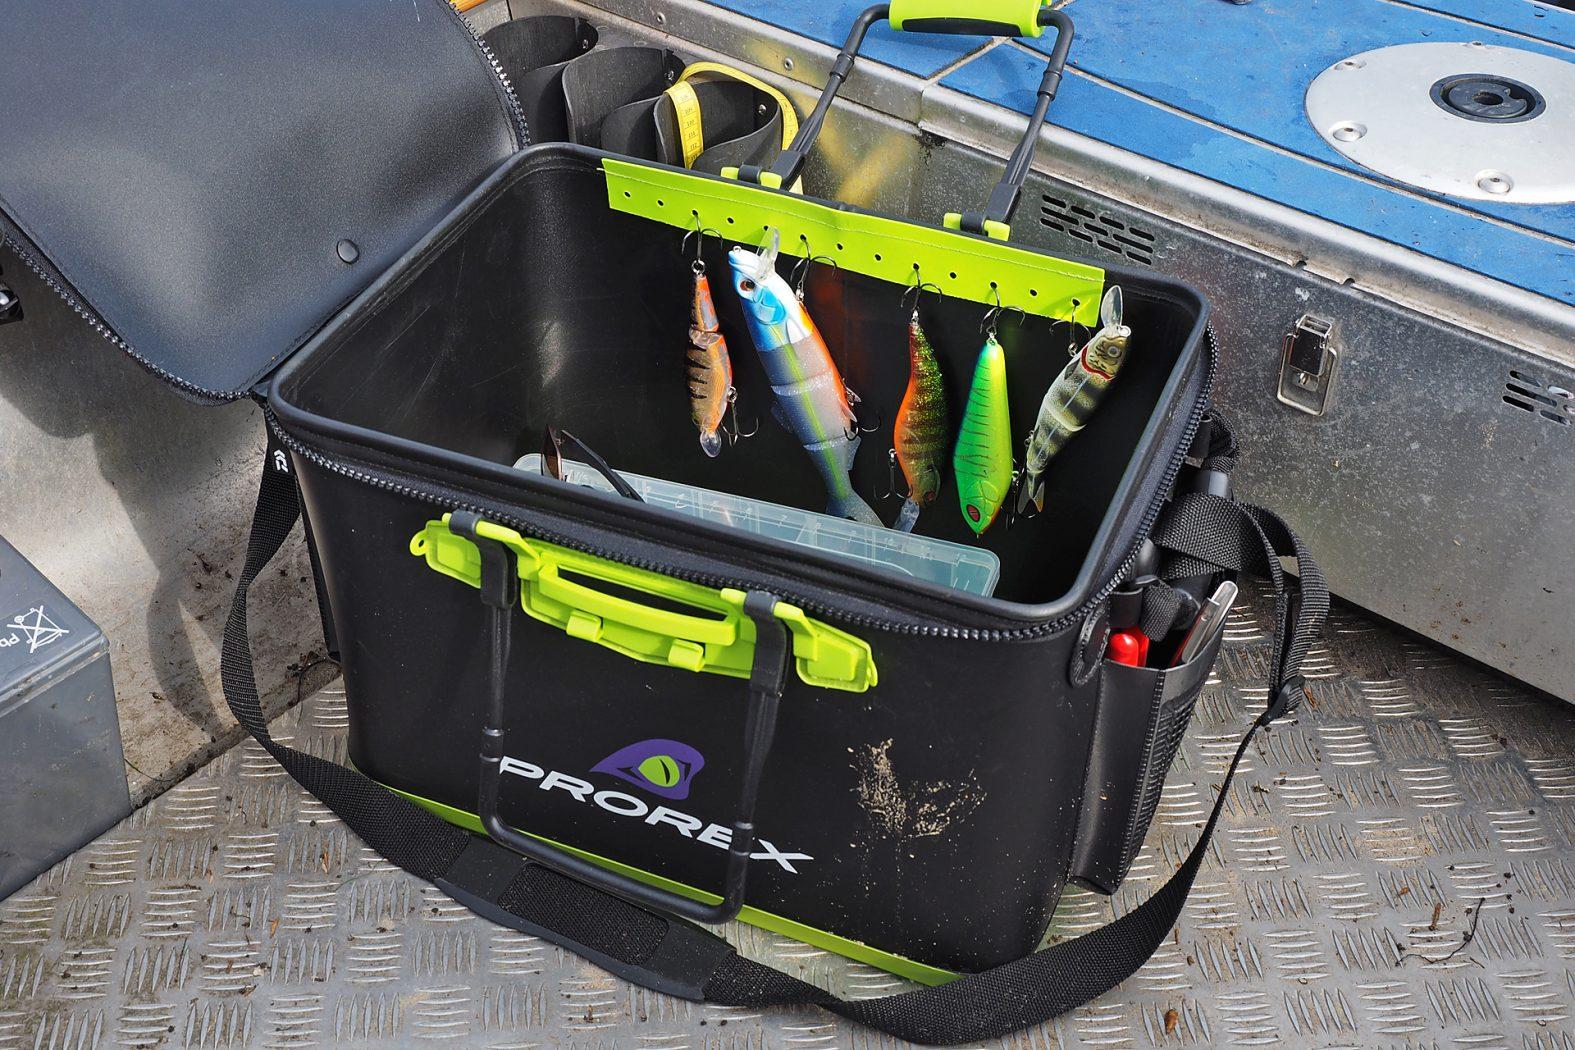 Ködertasche zum Spinnfischen: der Prorex Tackle Container von Daiwa